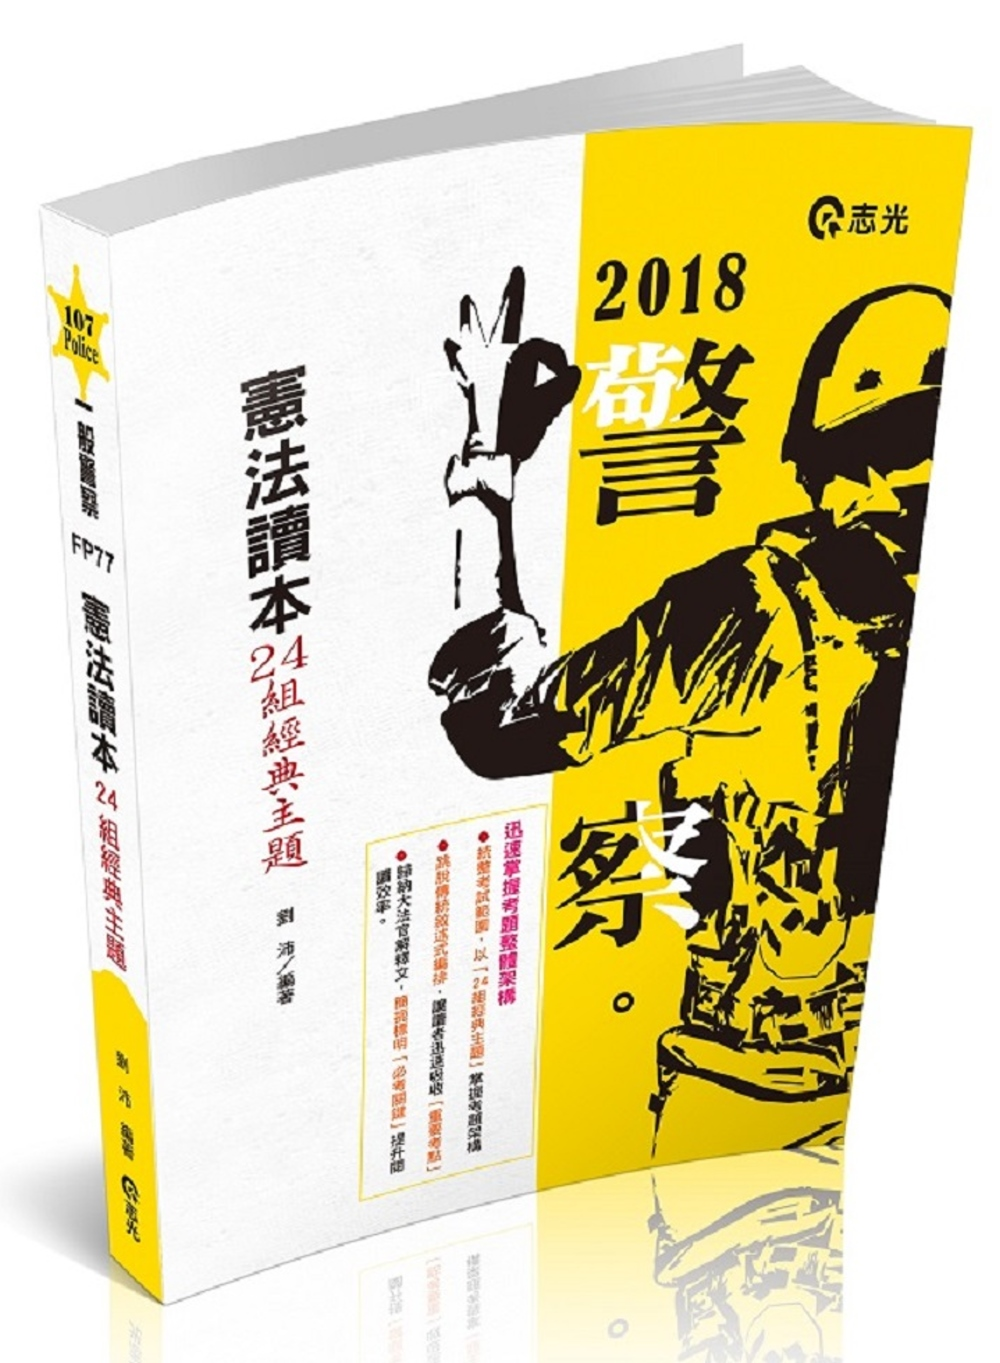 憲法讀本24組經典主題(警察特考三、四等‧一般警察人員、各類相關考試專用)